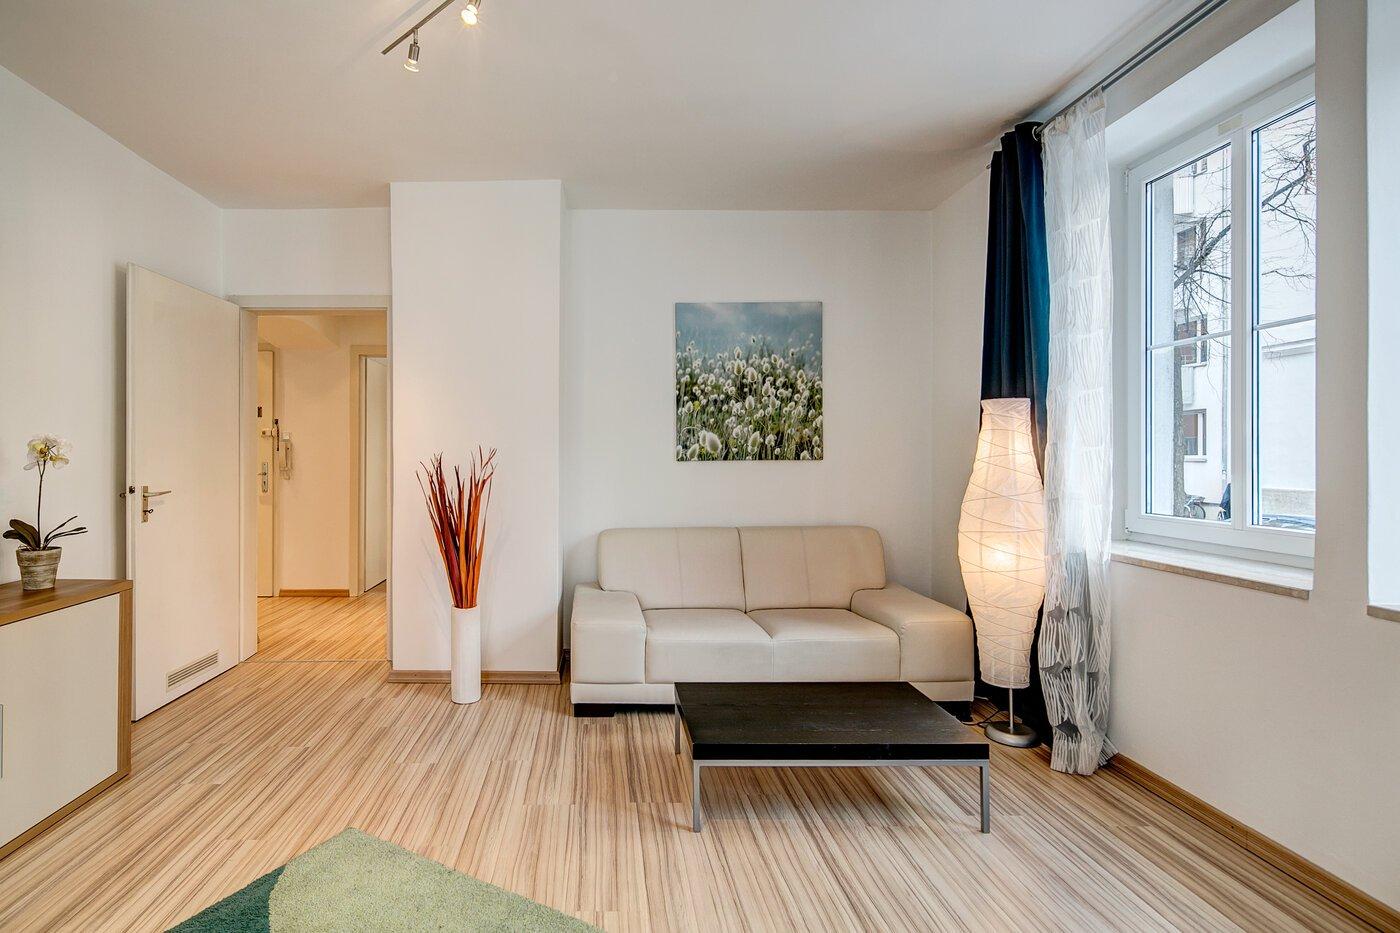 2 zimmer wohnung m bliert gro er flachbildfernseher. Black Bedroom Furniture Sets. Home Design Ideas